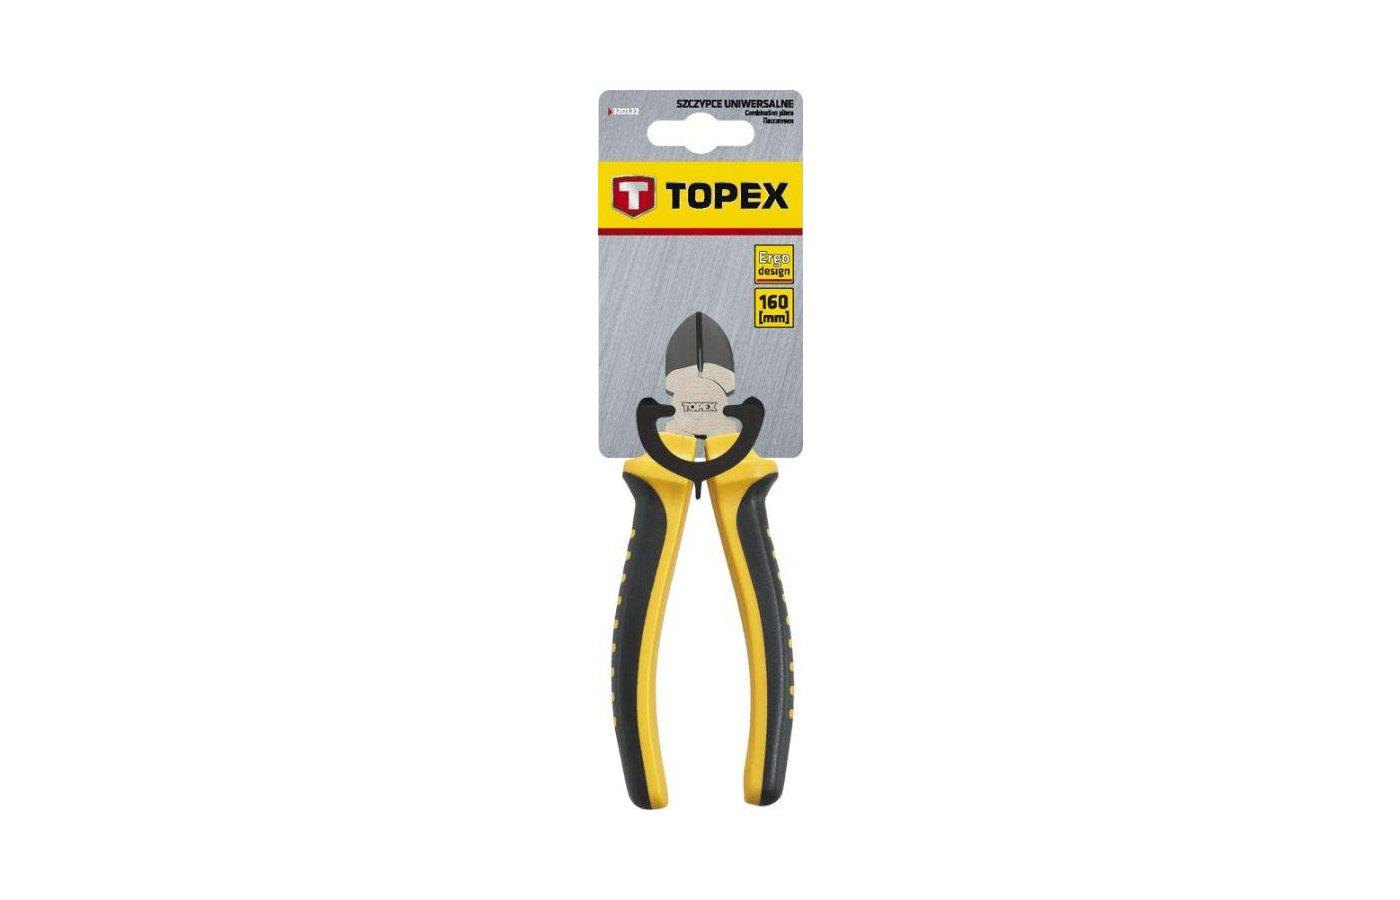 Набор ручных инструментов TOPEX 32D106 Кусачки боковые. 160 мм